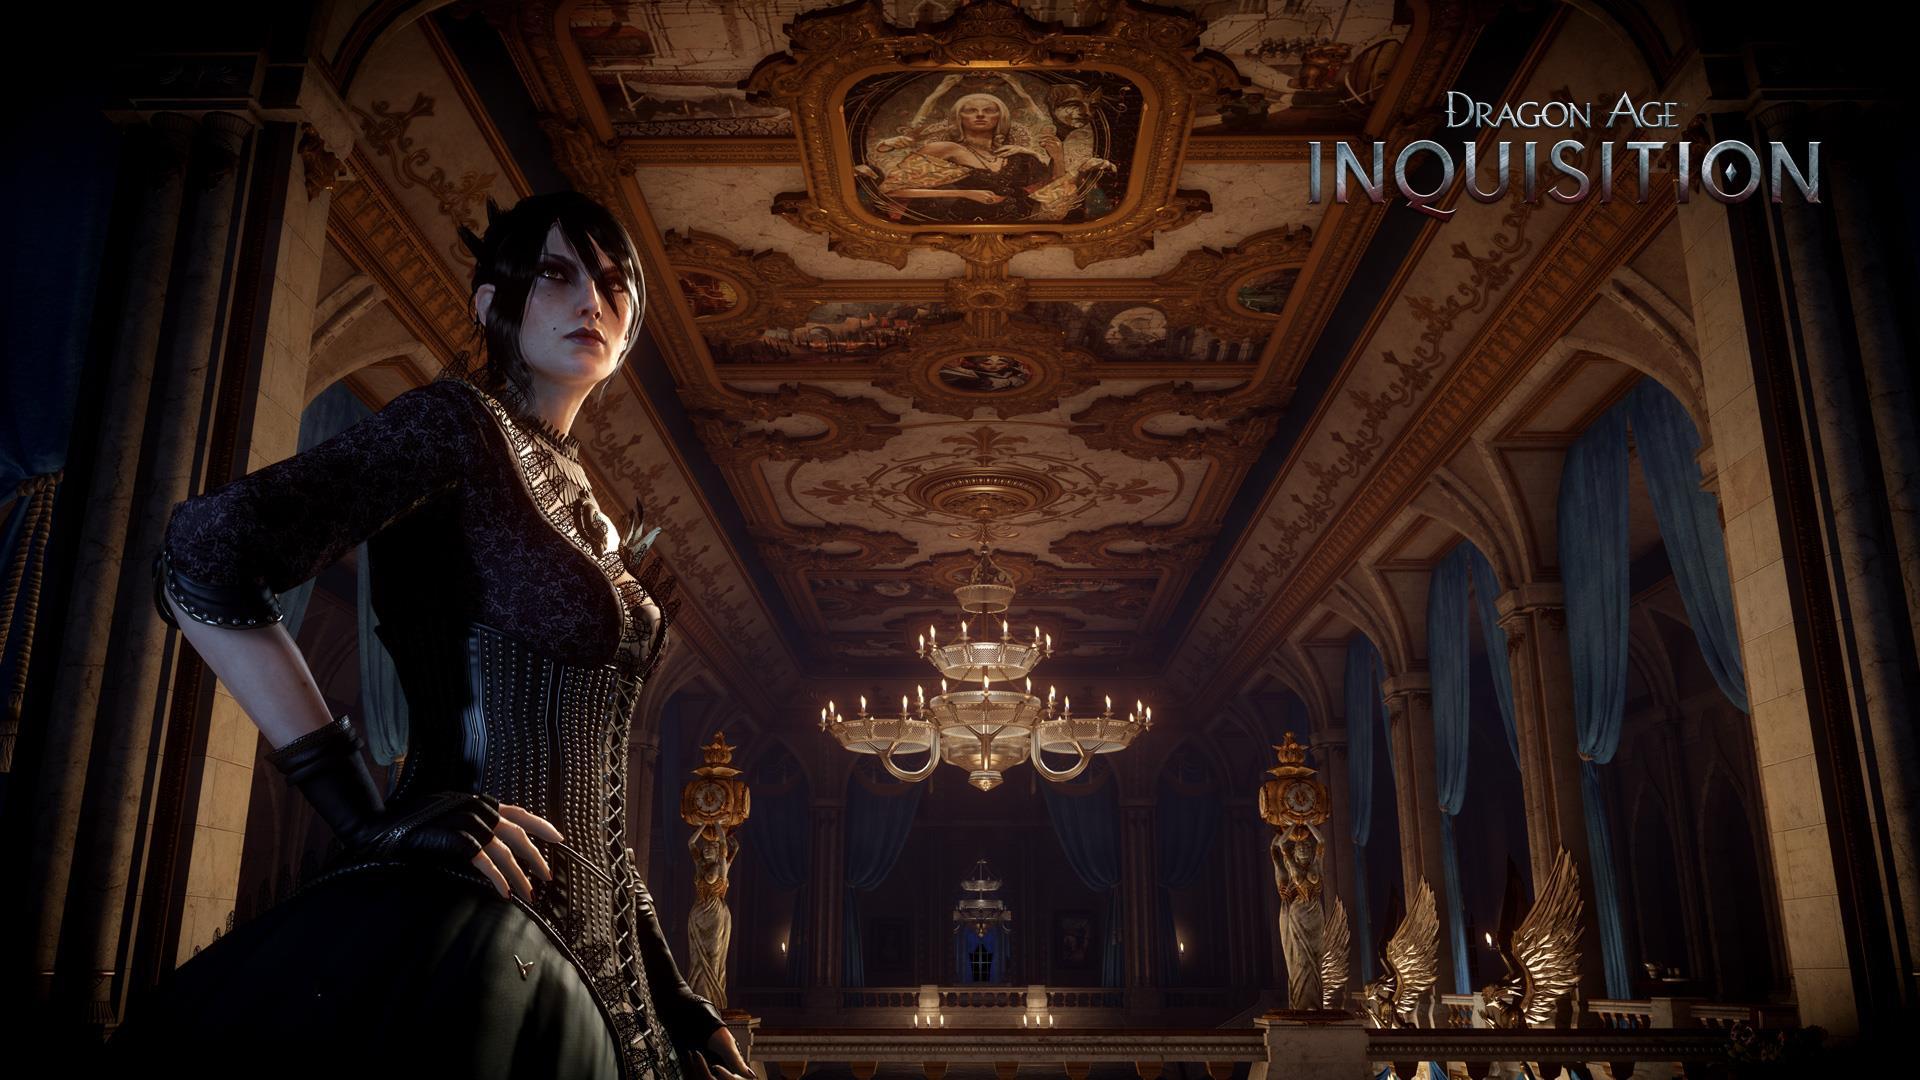 VengefulTemplar/Dragon Age: Inquisition - Concept Art 15